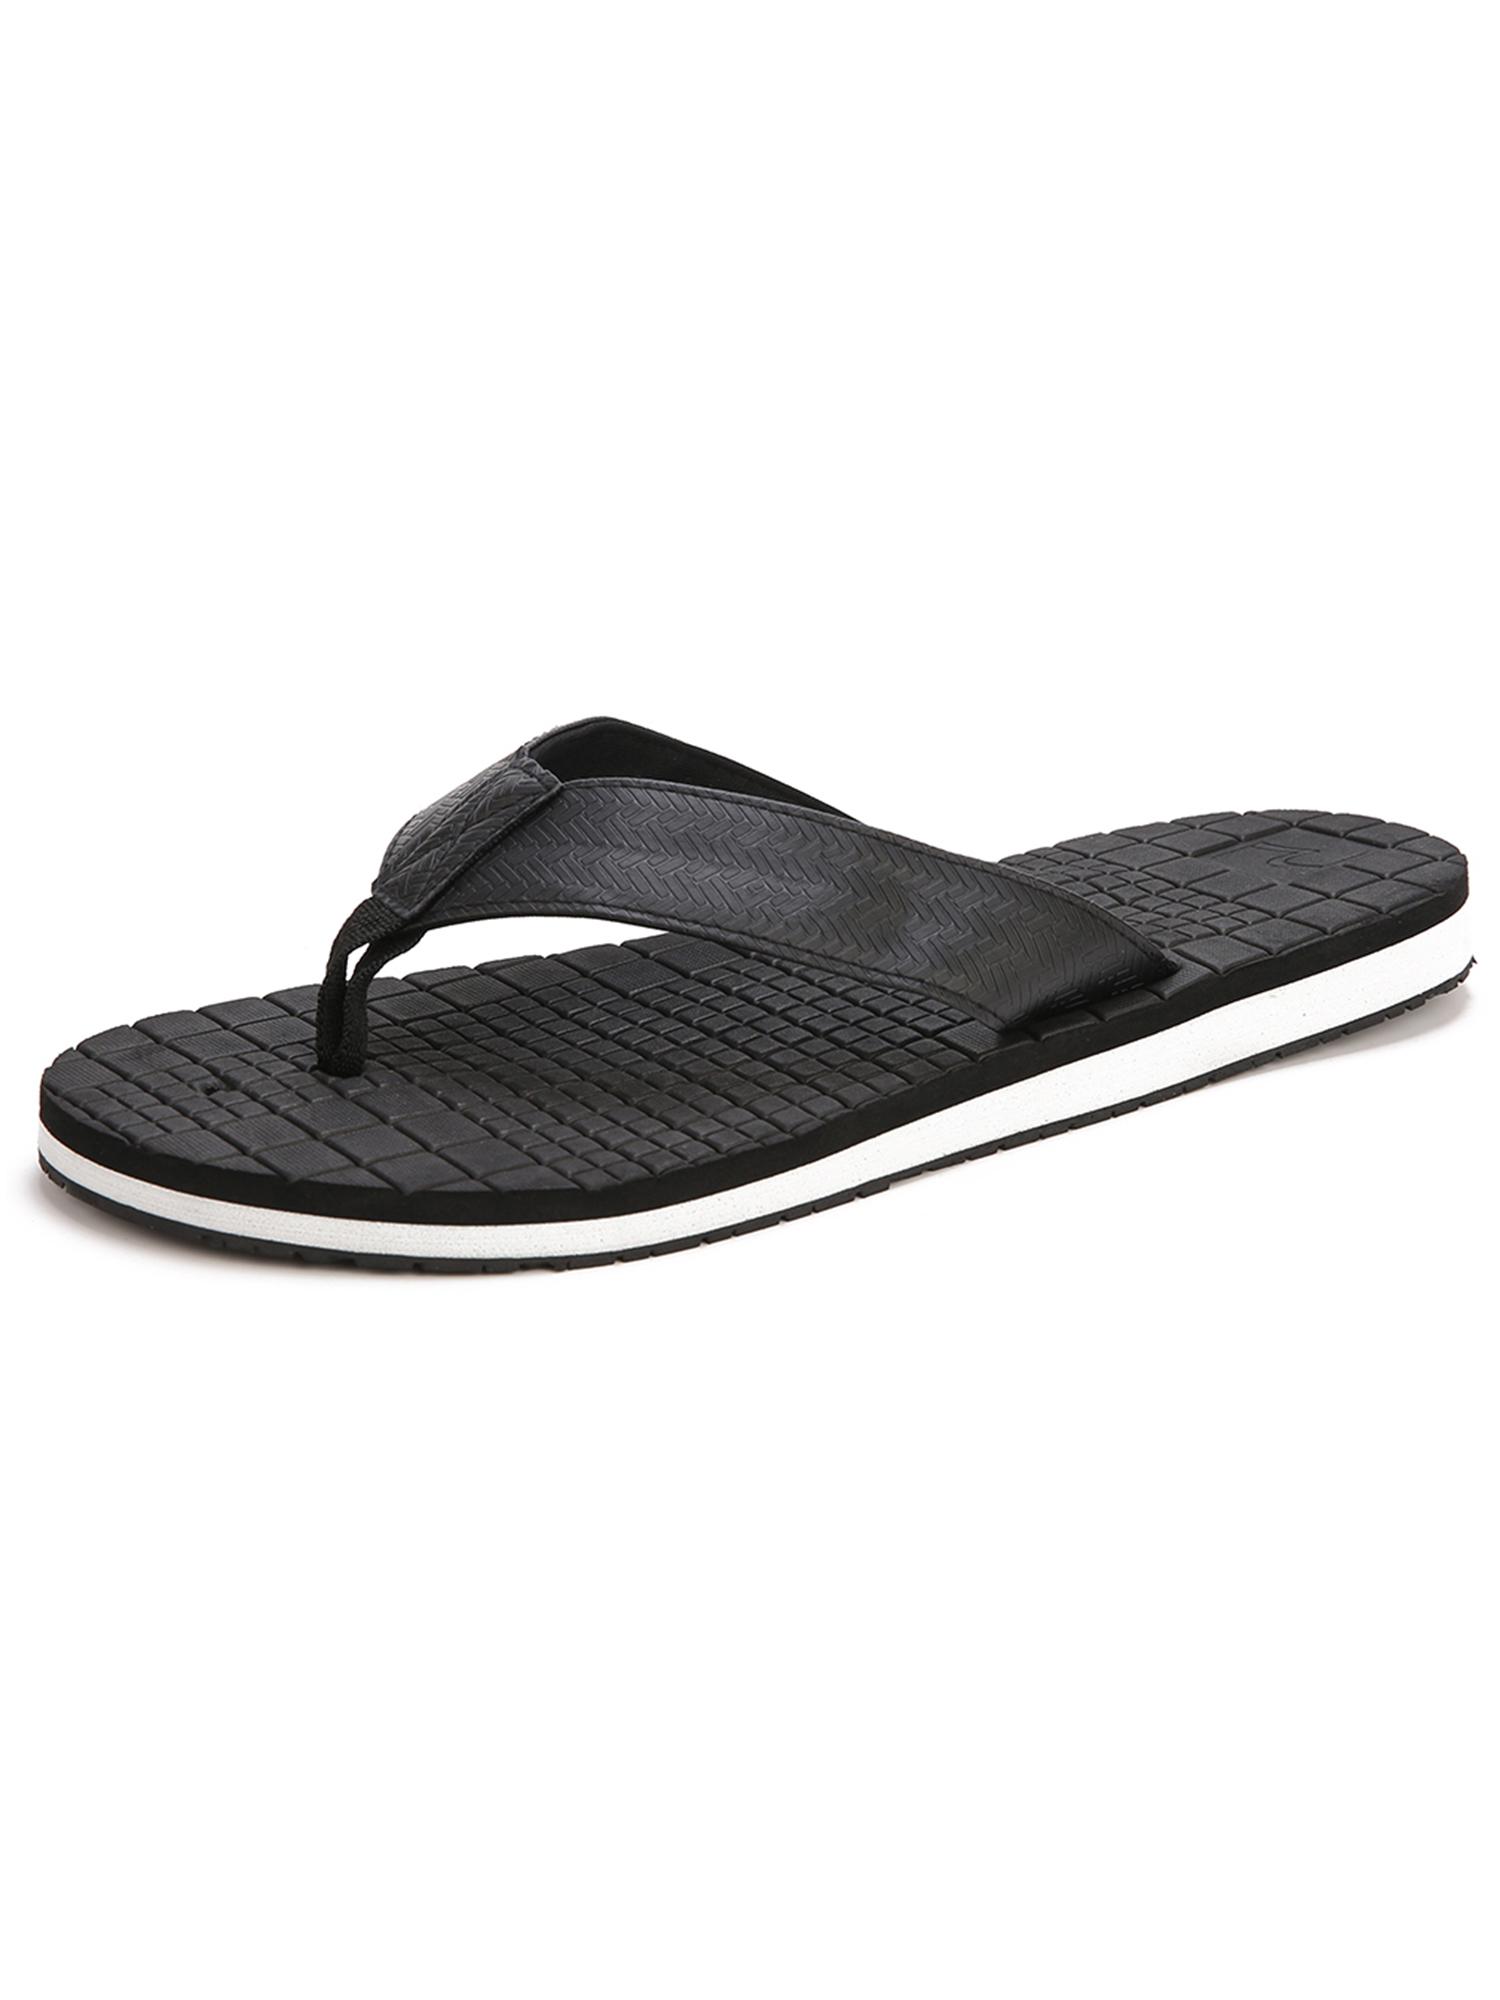 Dinosaur Pattern Mens and Womens Light Weight Shock Proof Summer Beach Slippers Flip Flops Sandals